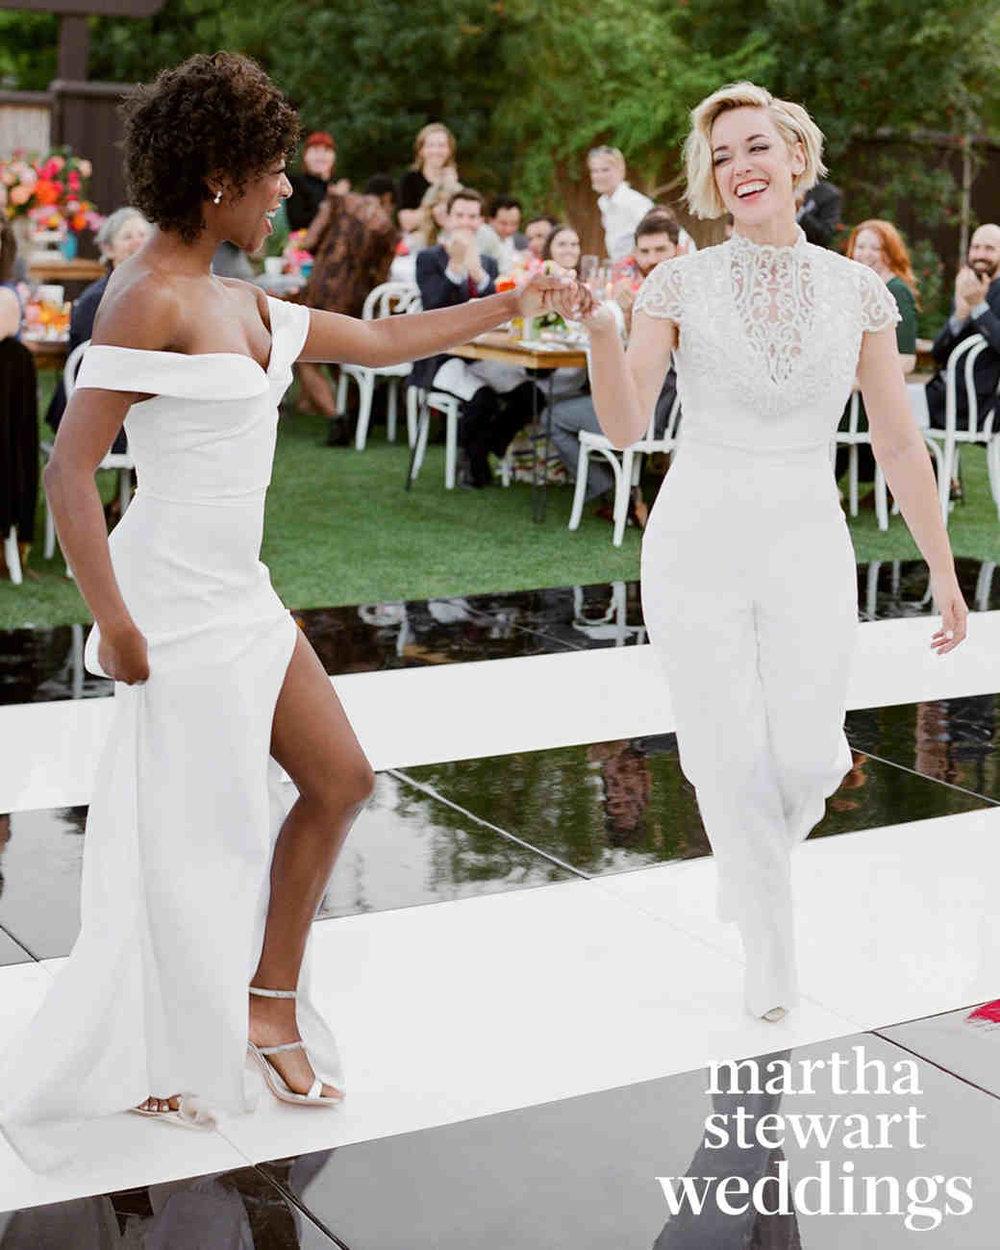 samira-wiley-lauren-morelli-wedding-dancing-282-6328713-103018699_vert.jpg